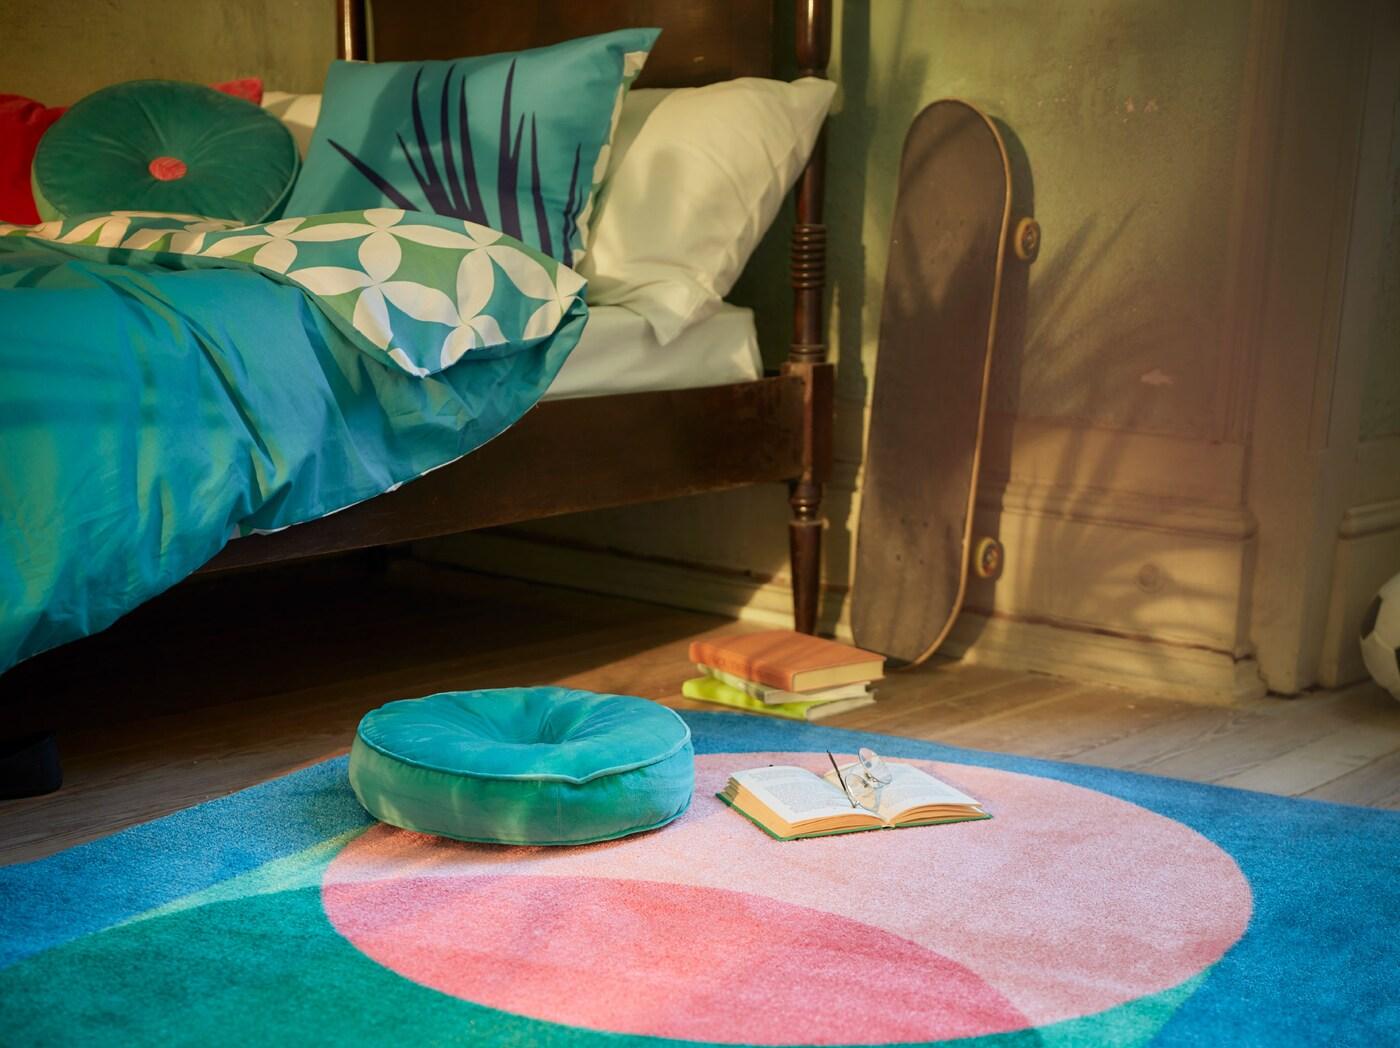 Hálószoba, GRACIÖS textilsorozattal, türkiz tónusokban, paplanhuzattal, mintás szőnyeggel és kerek bársonypárnával.